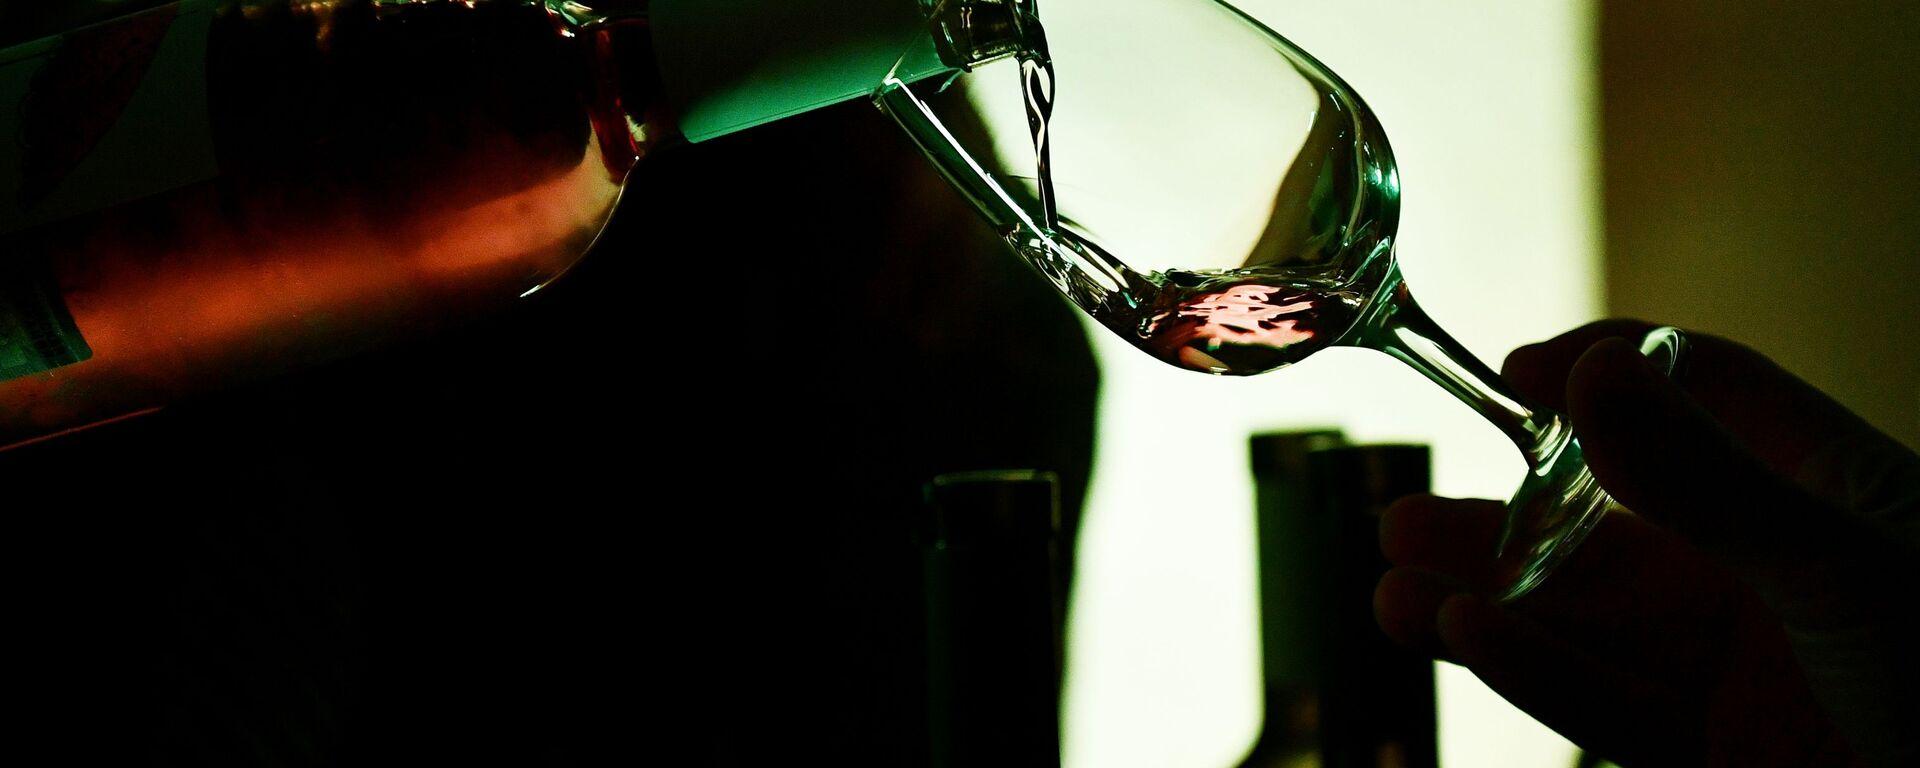 Вино в бокале - Sputnik Ўзбекистон, 1920, 23.03.2021